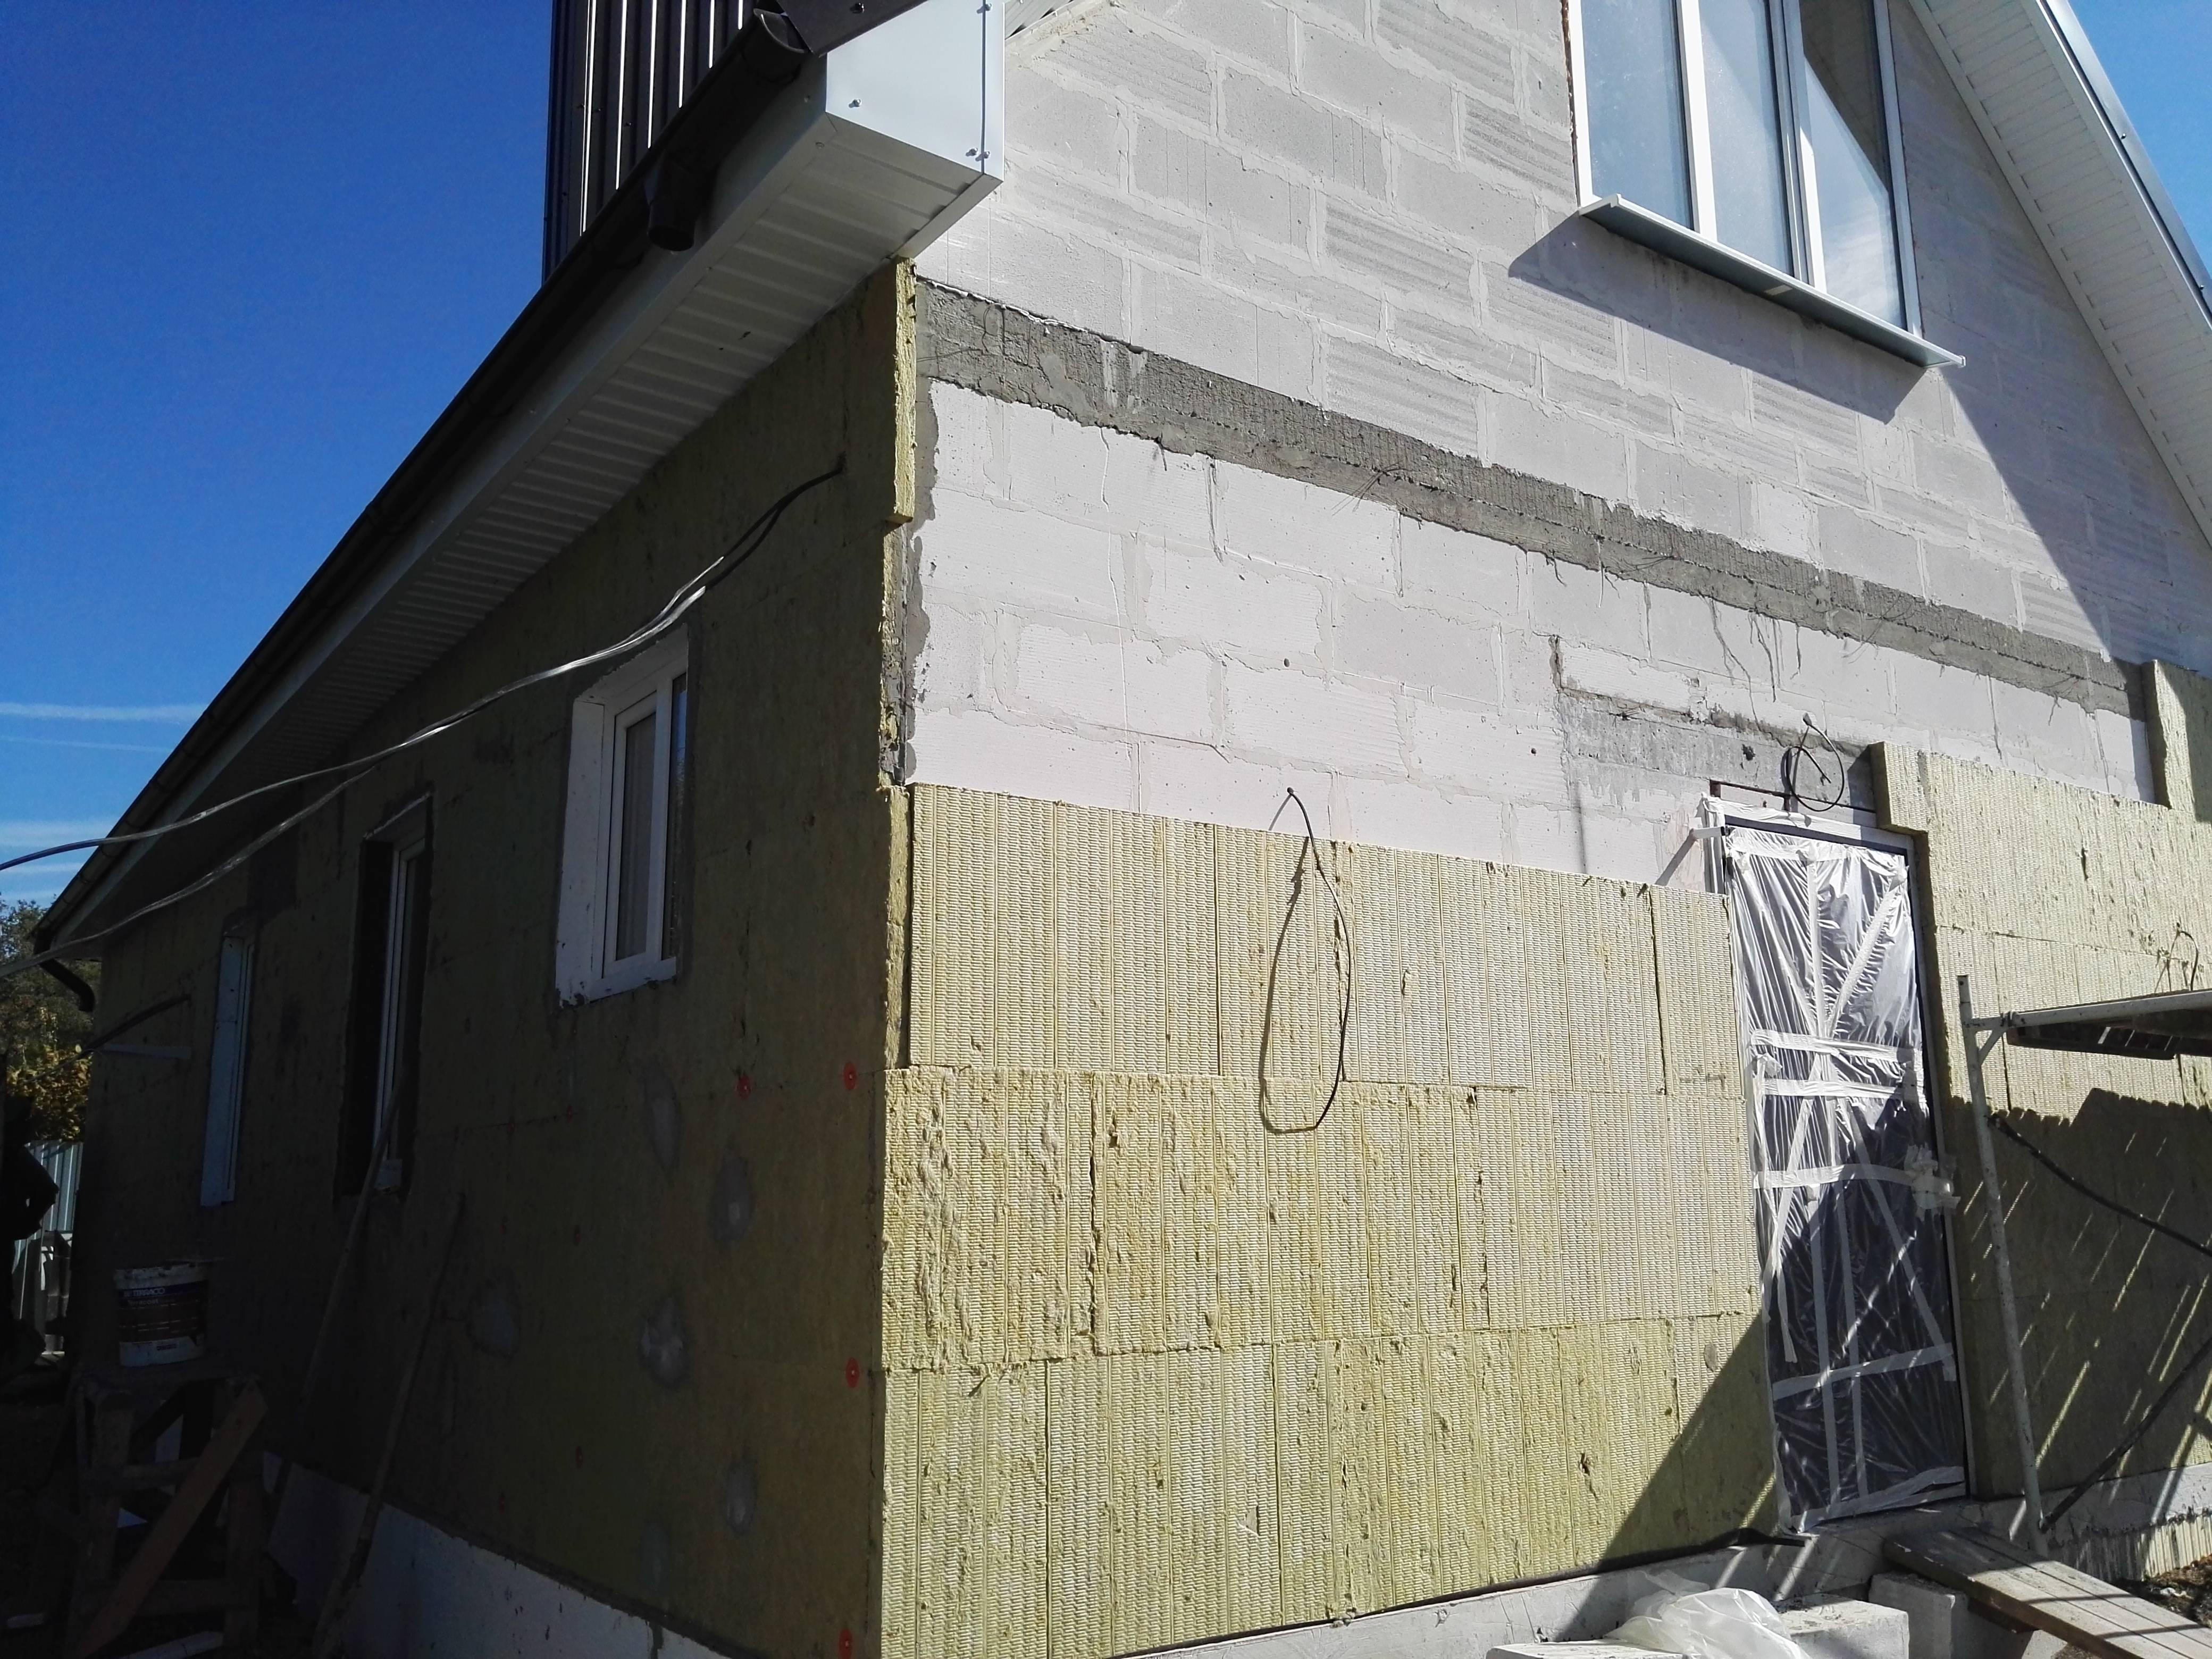 Утепляем фасад дома минеральной ватой под штукатурку